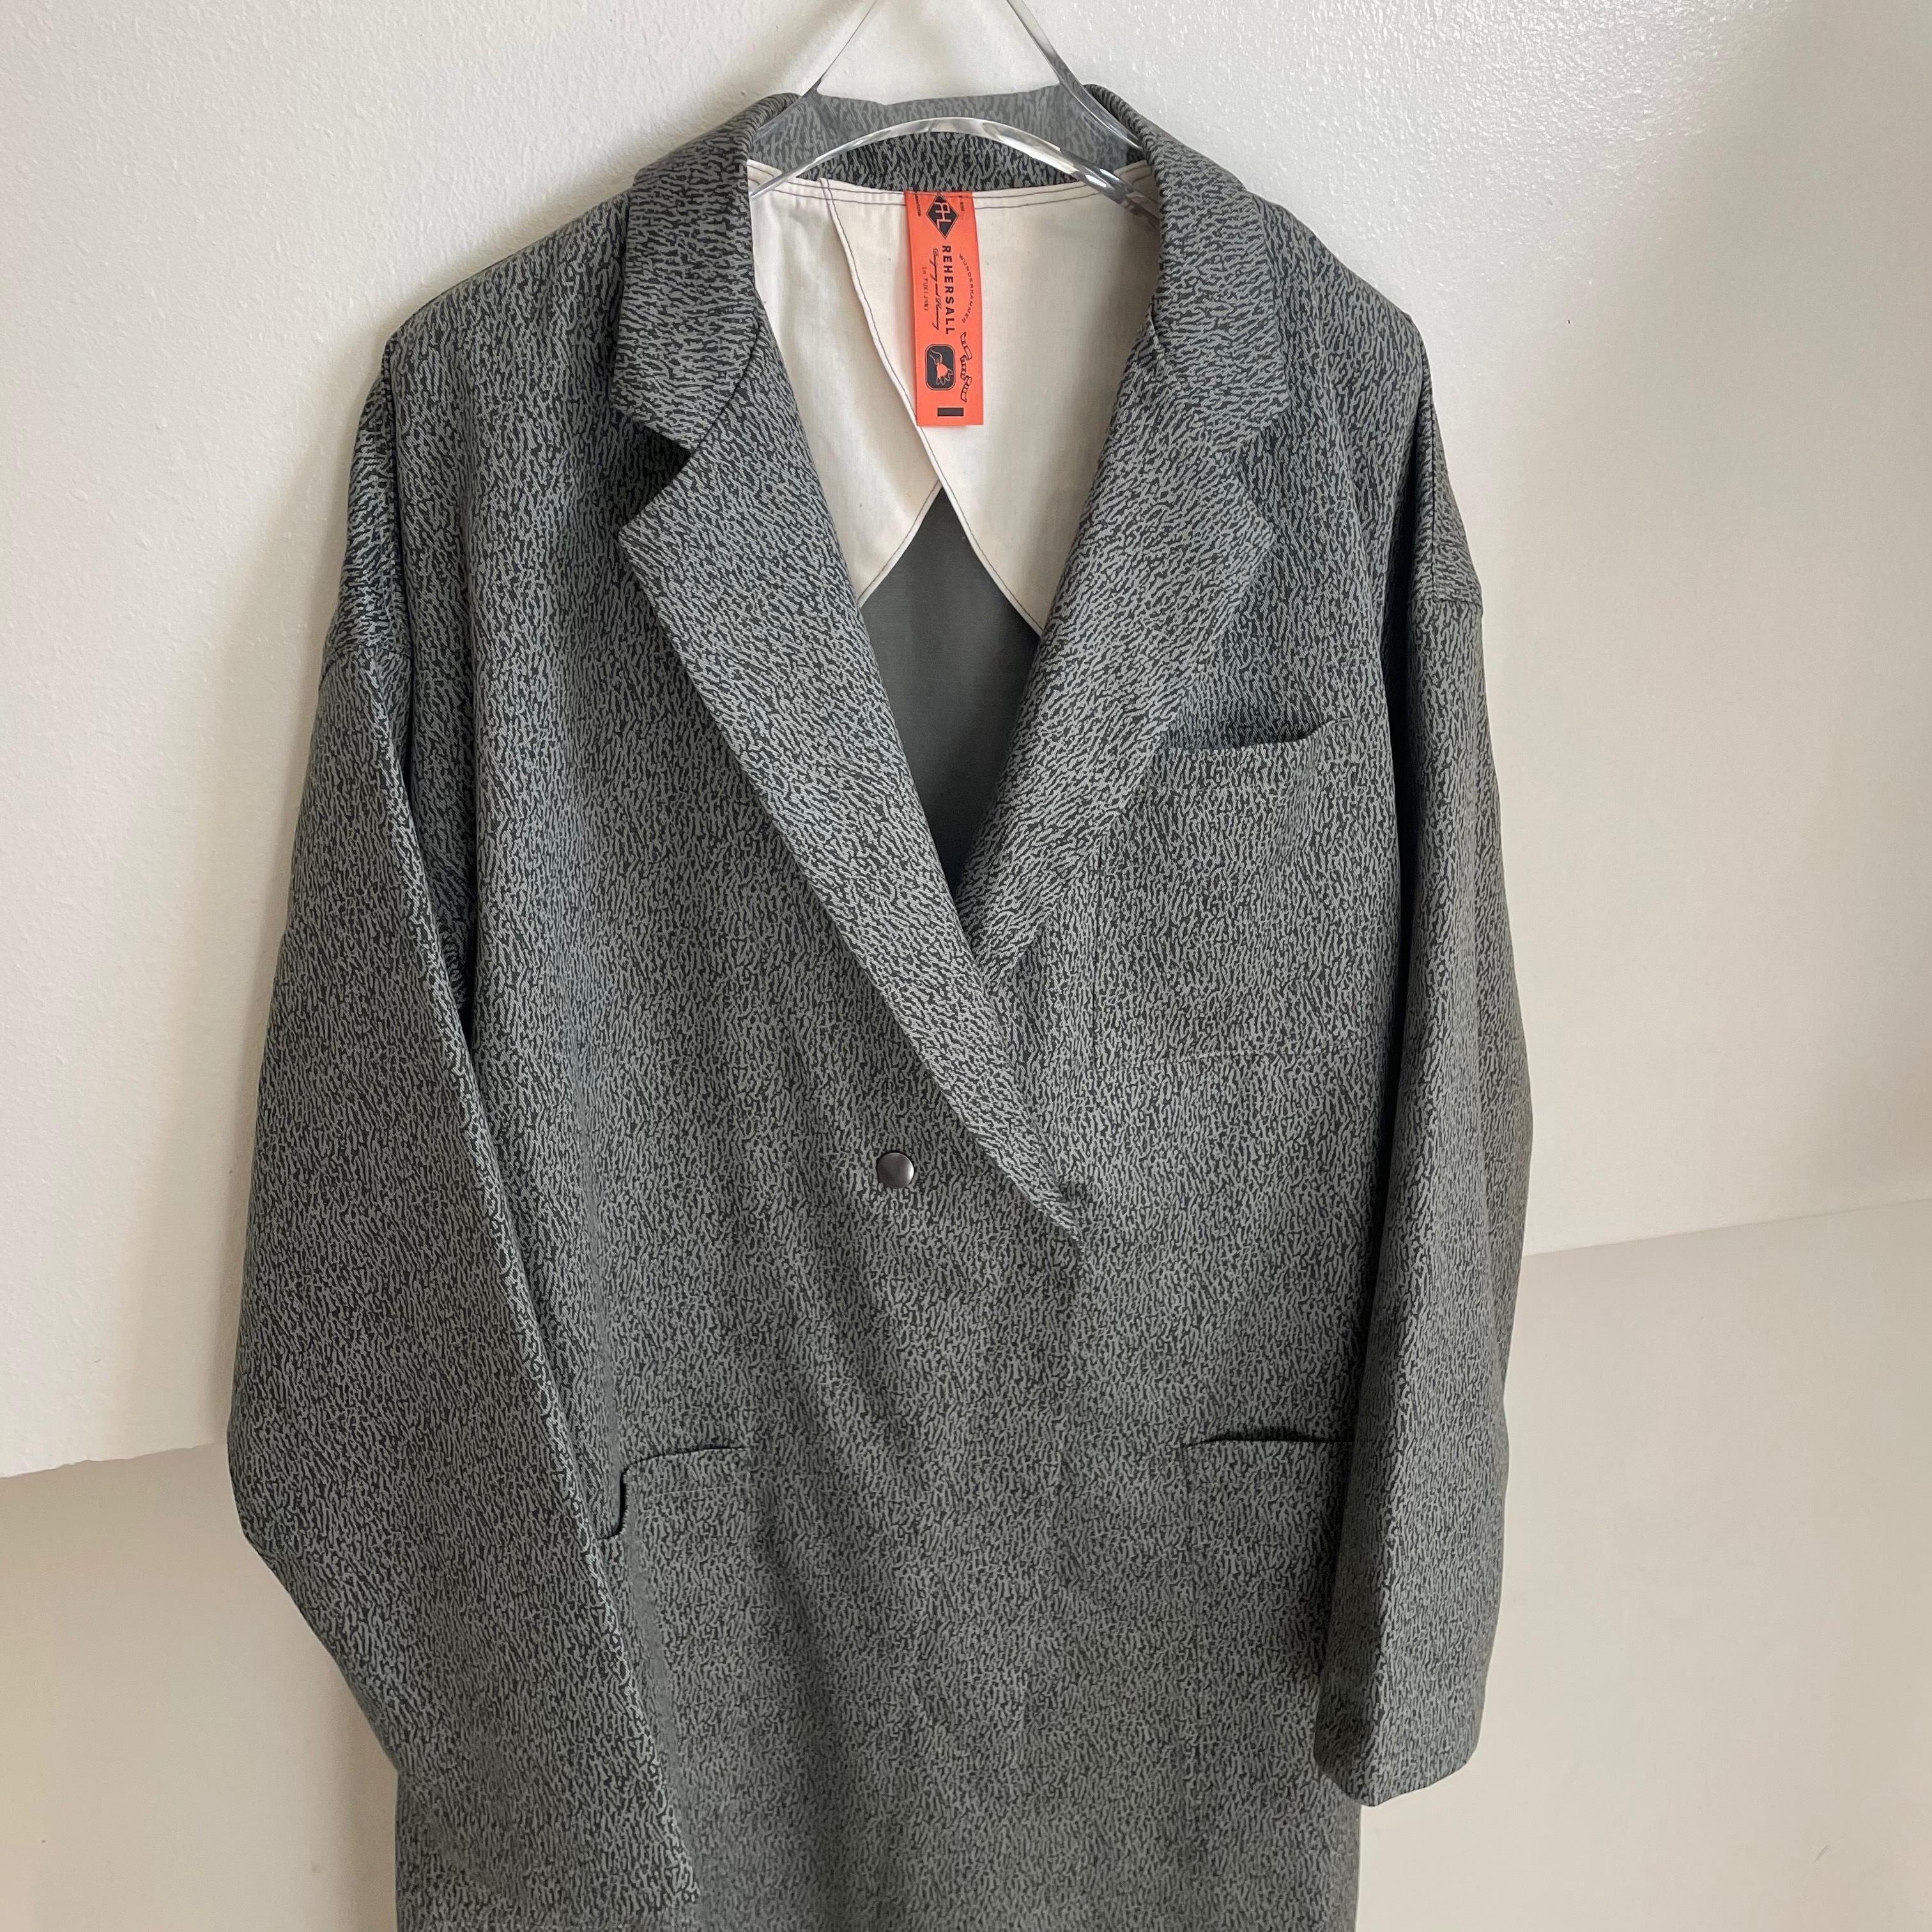 【RehersalL】chinocamo coat(A) /【リハーズオール】チノカモコート(A)